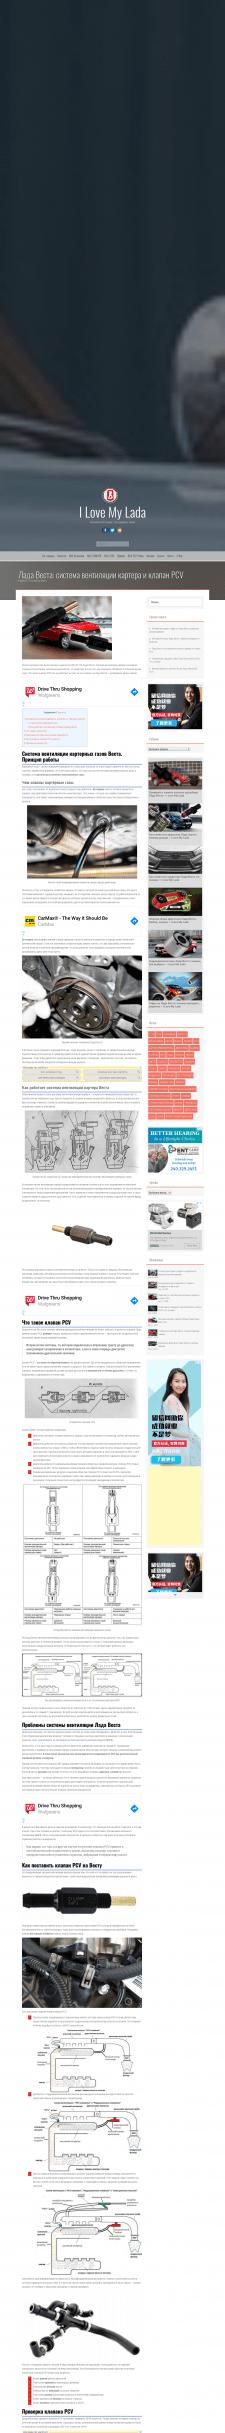 Клапан PCV Лада Веста и система вентиляции картера